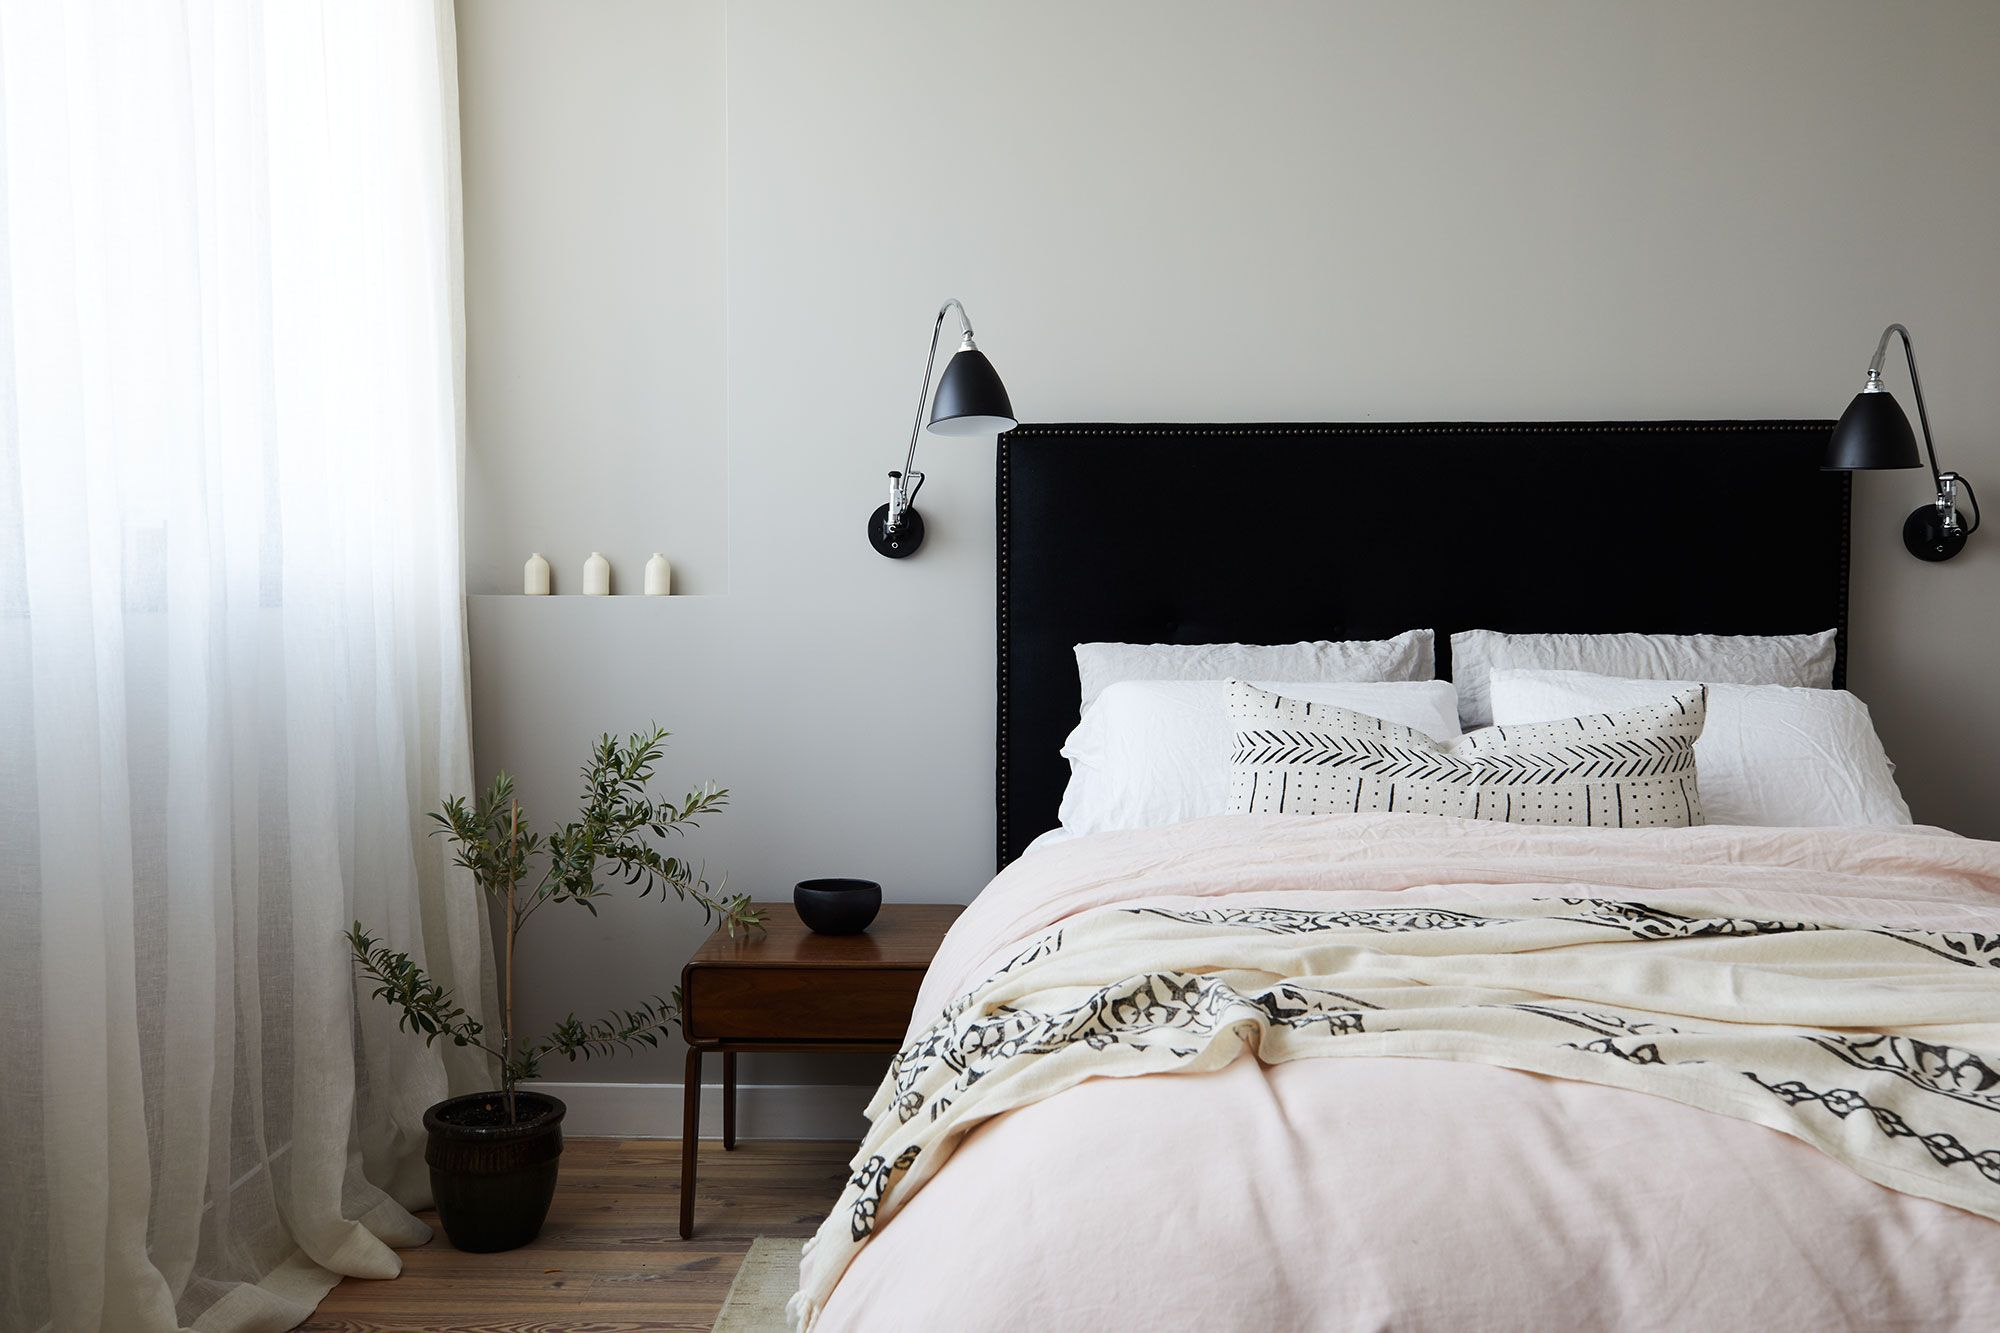 25 Best Gray Bedroom Ideas - Decorating Pictures of Gray Bedroom Design